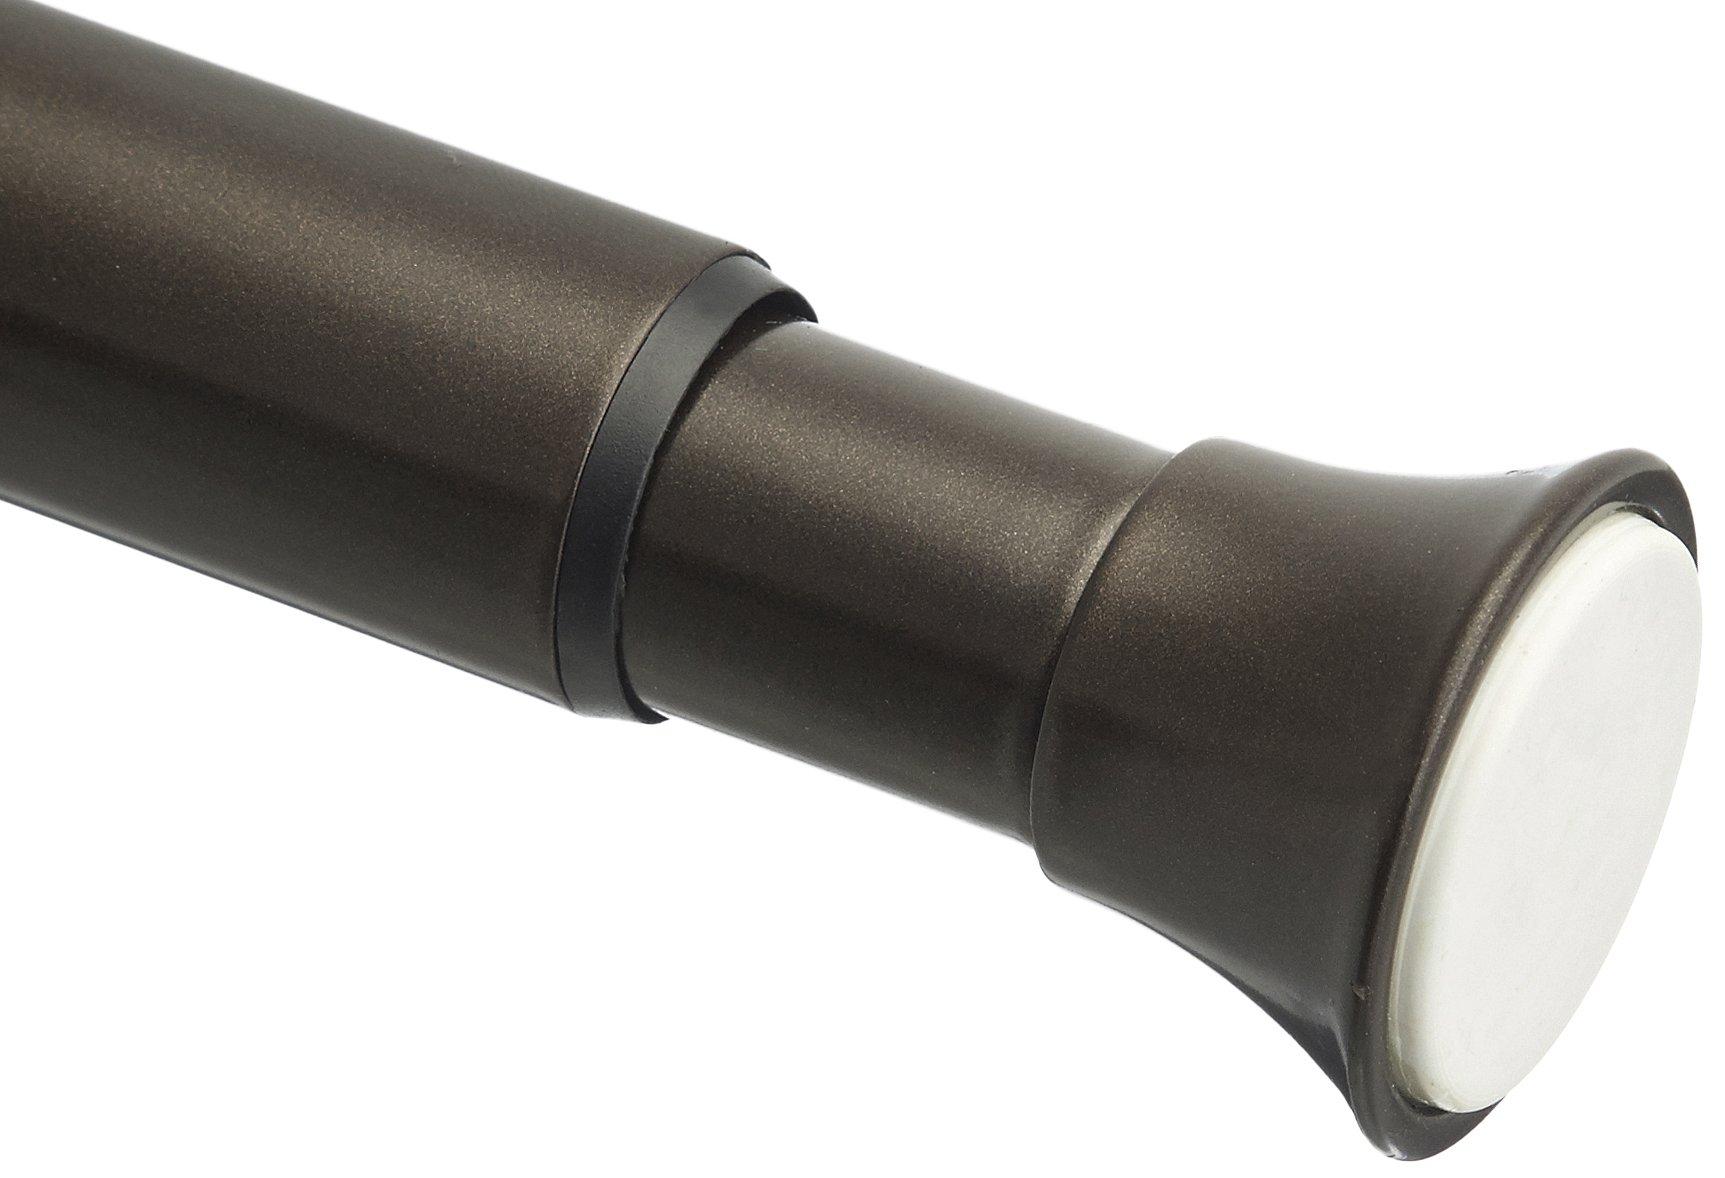 AmazonBasics Tension Curtain Rod - 54-90'', Bronze by AmazonBasics